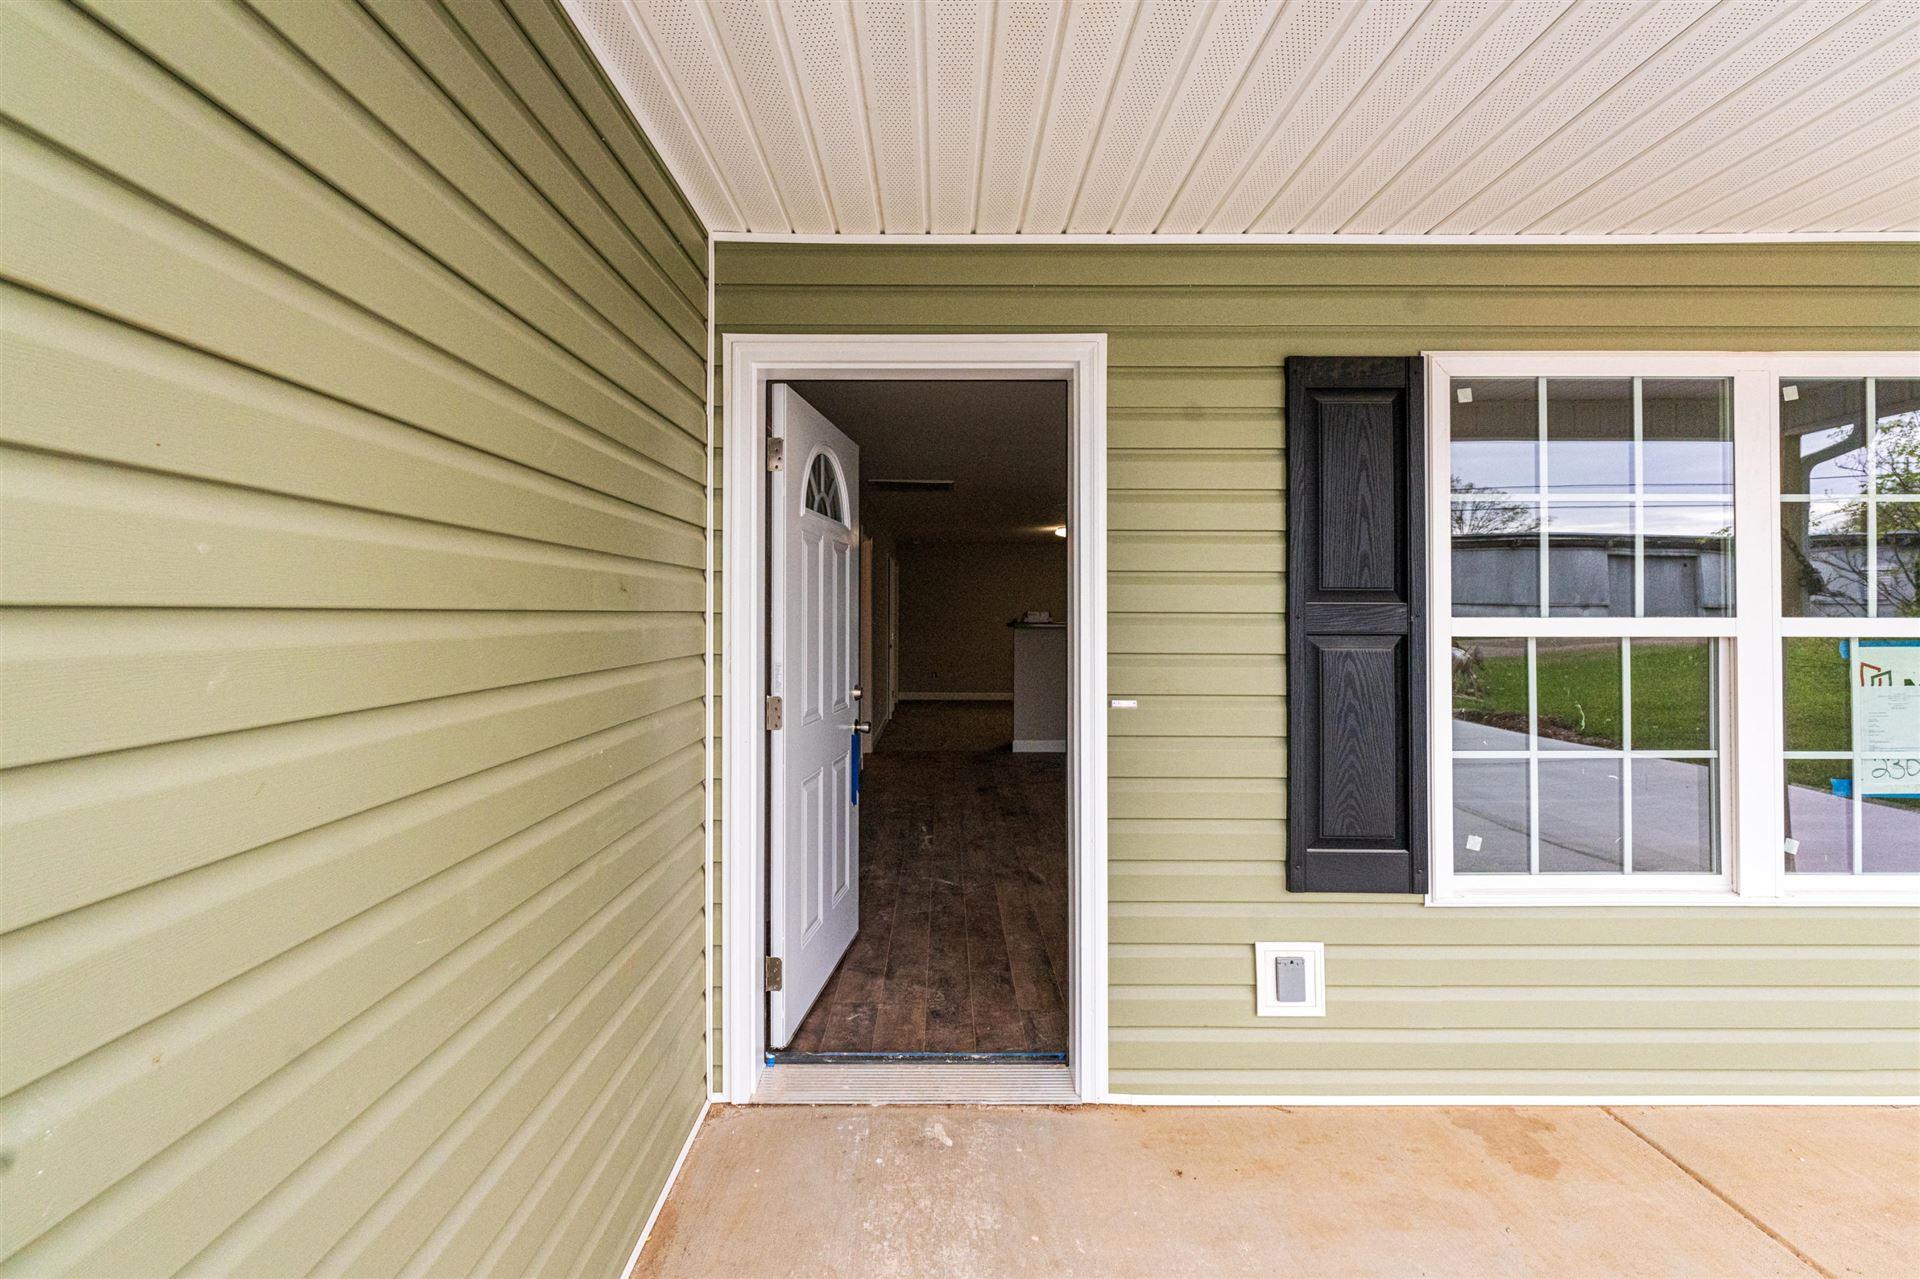 Photo of 2309 Hoitt Ave, Knoxville, TN 37917 (MLS # 1149601)